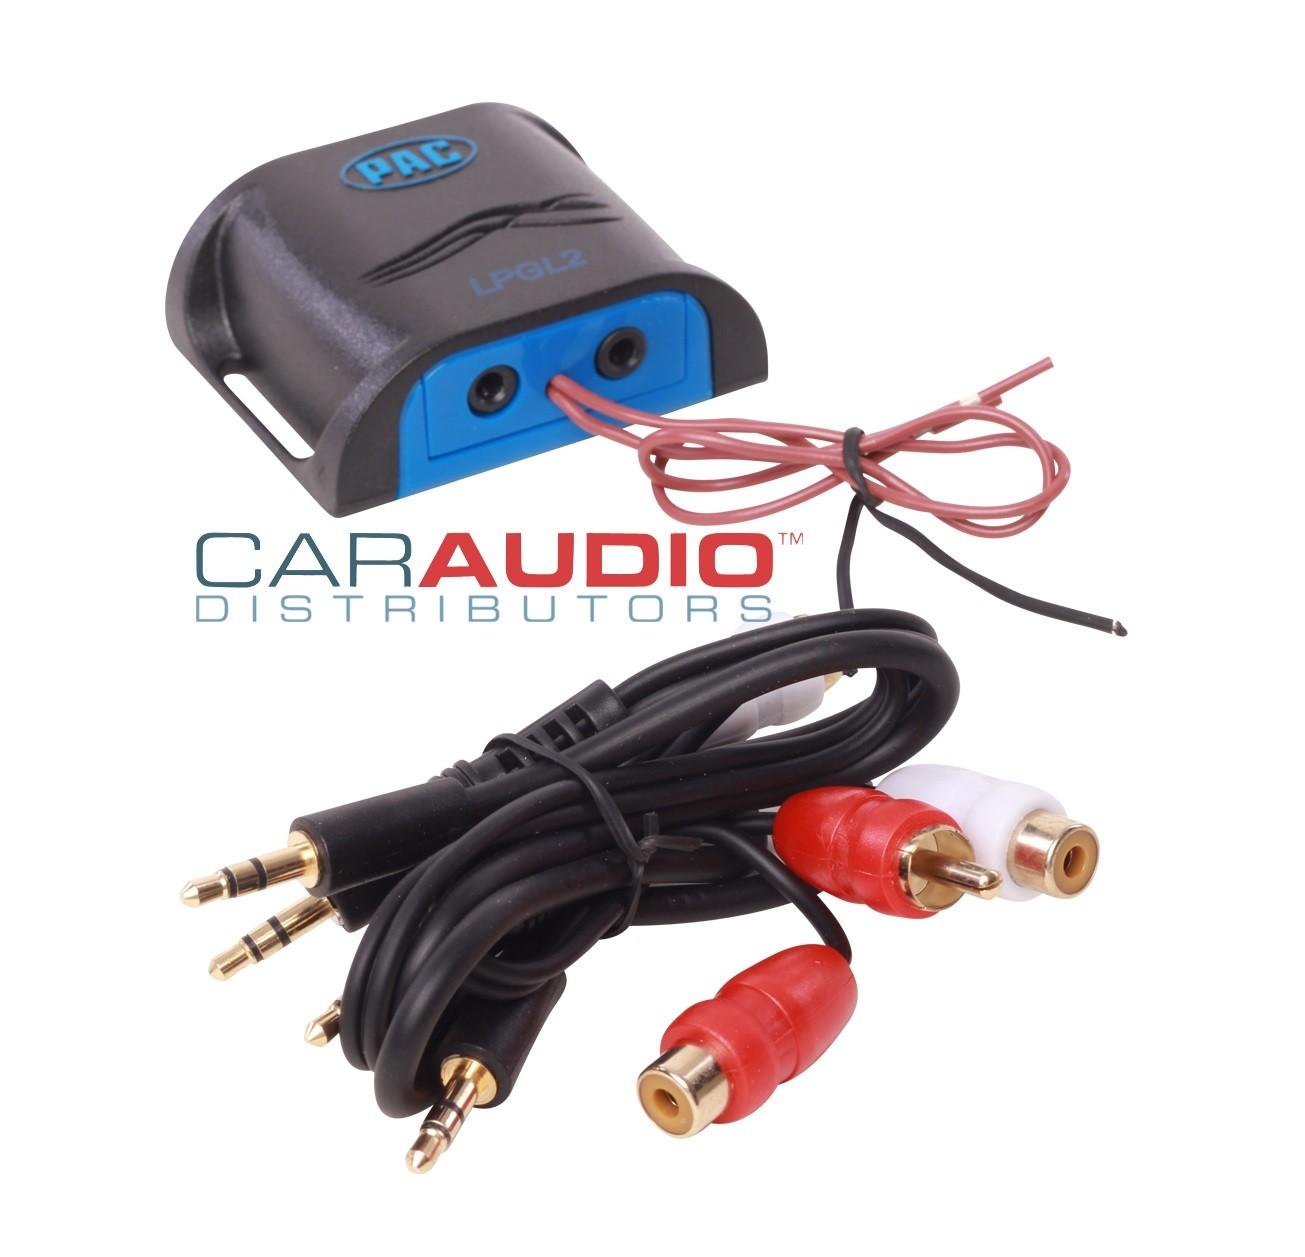 Car audio noise suppression guide - Crutchfield